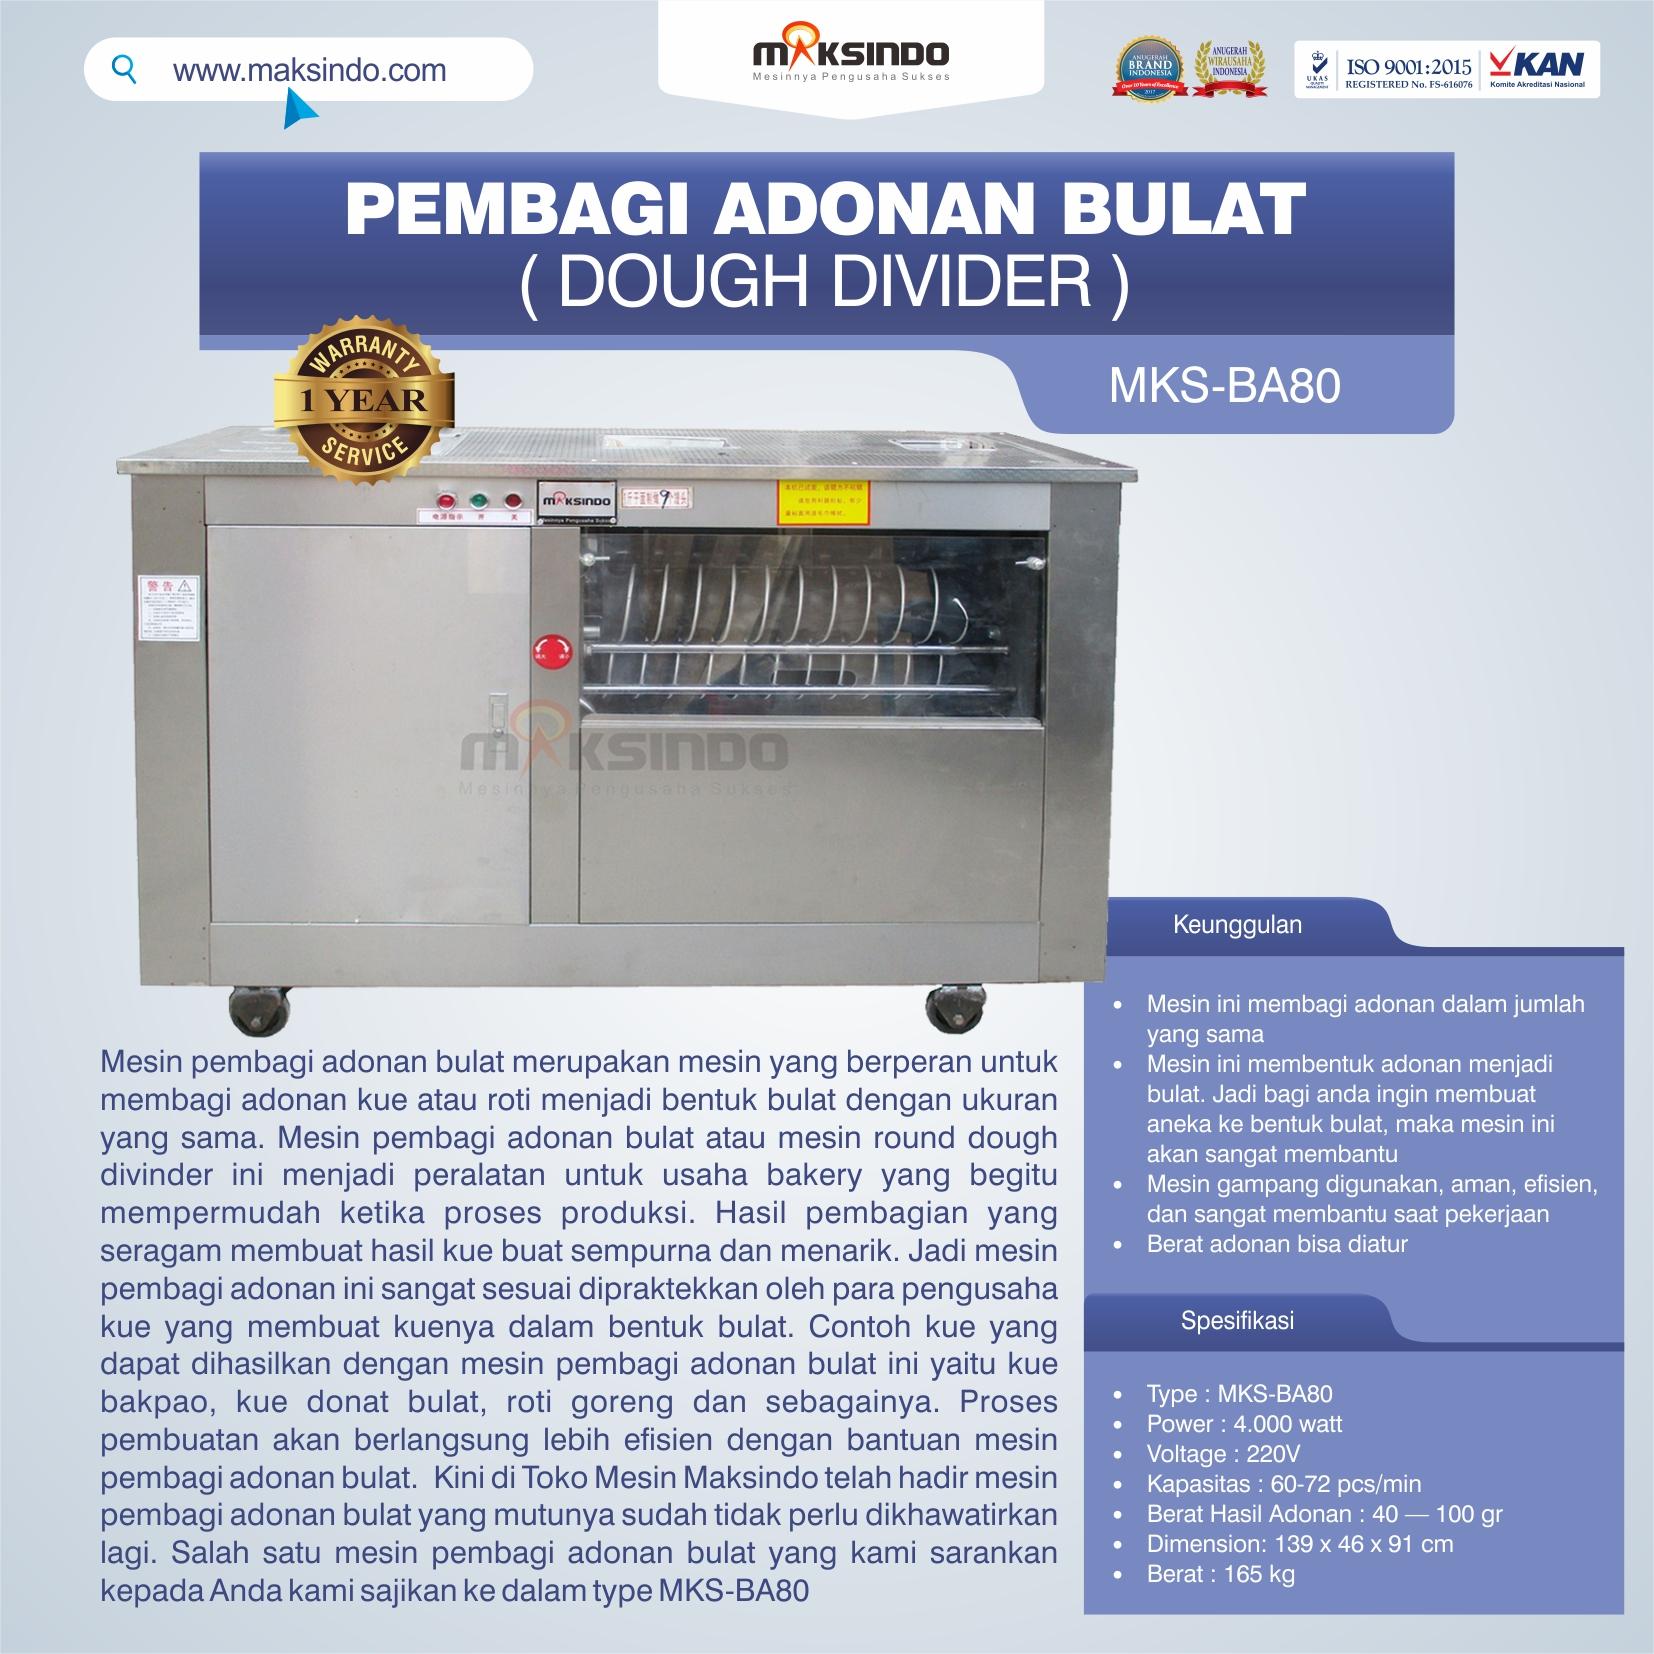 Jual Pembagi Adonan Bulat (Dough Divider) MKS-BA80 di Makassar